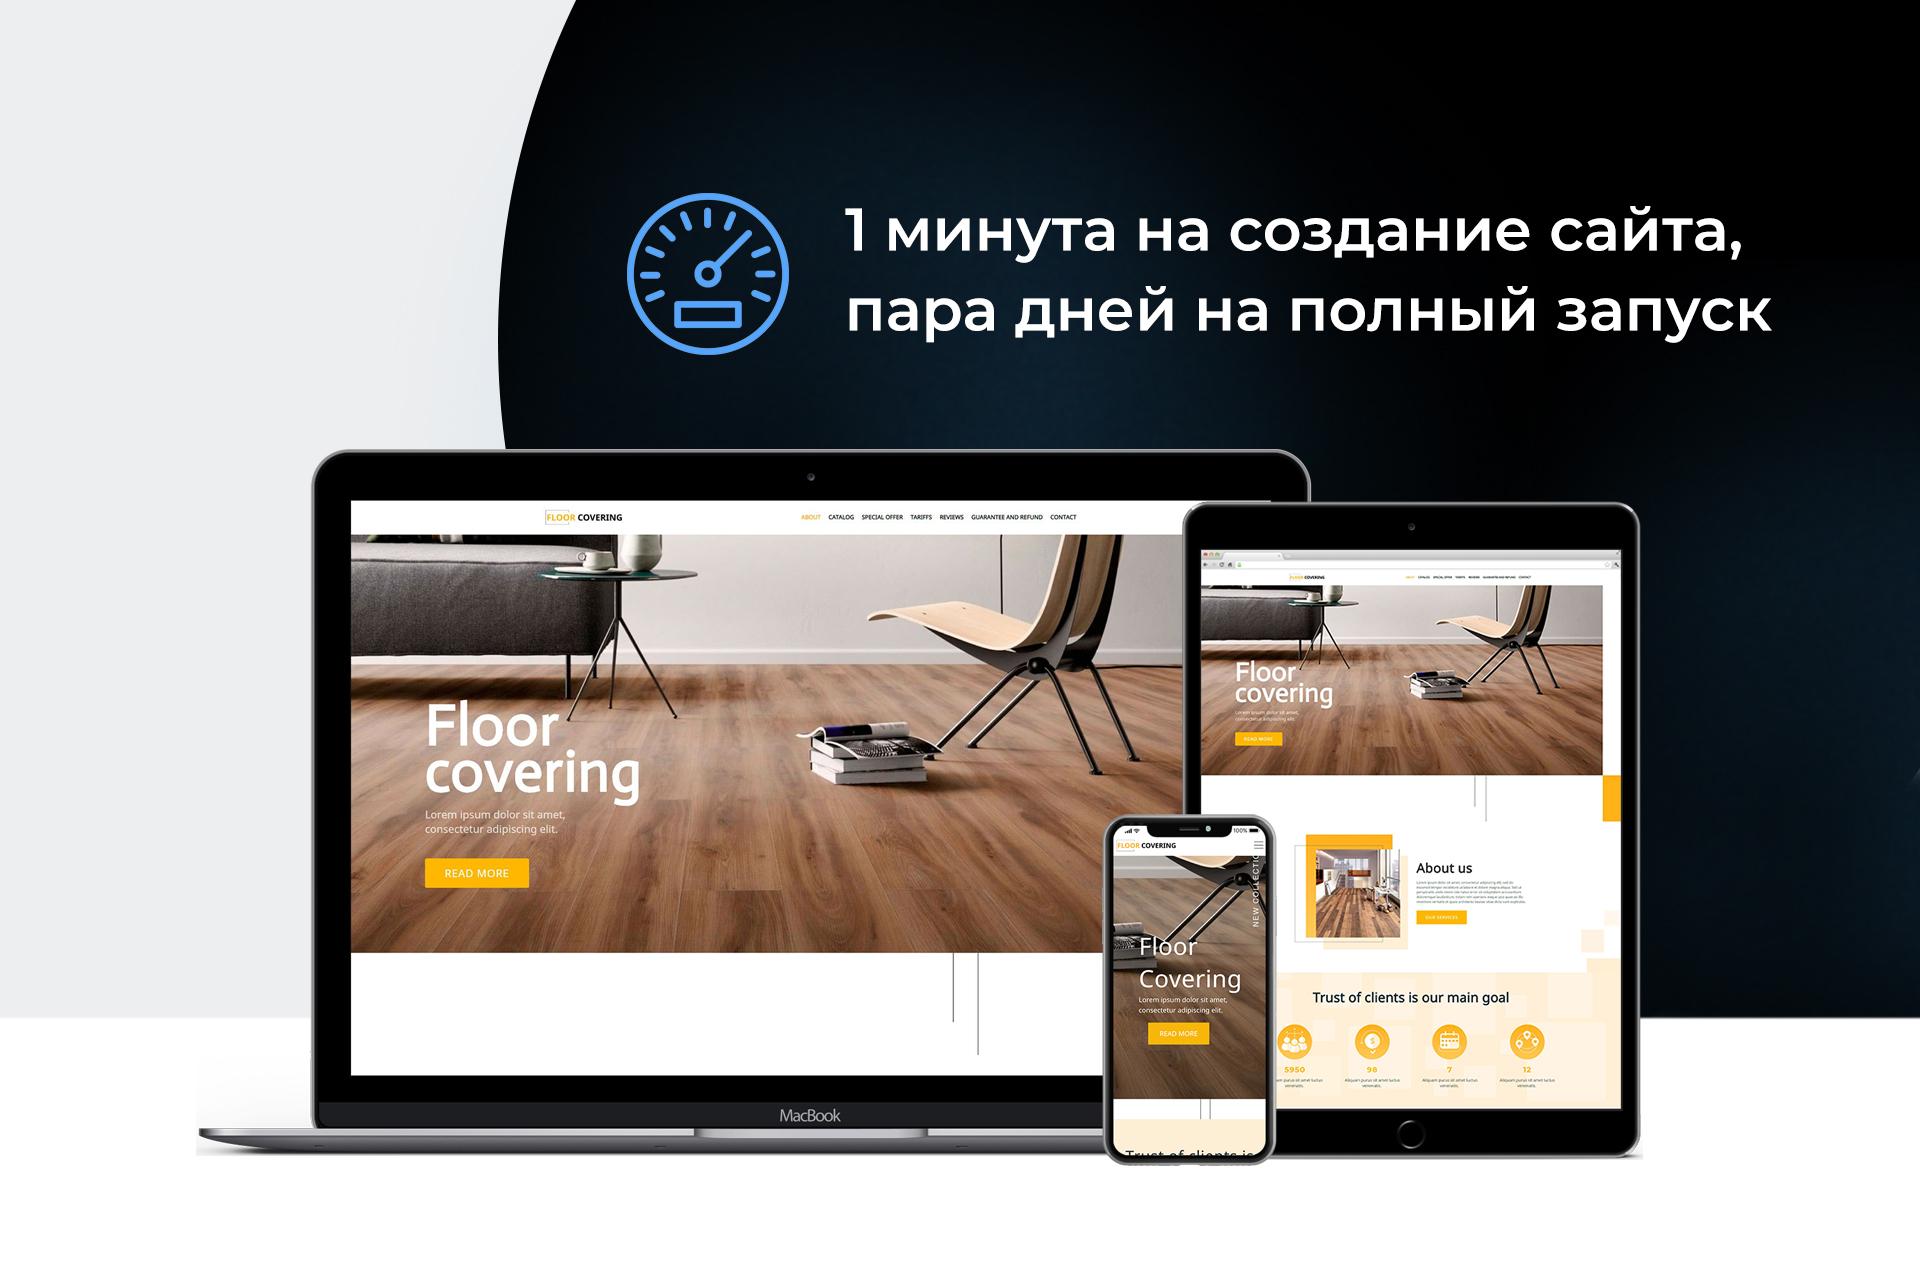 Конструктор создание шаблон сайт сайт компании лукойл узбекистане